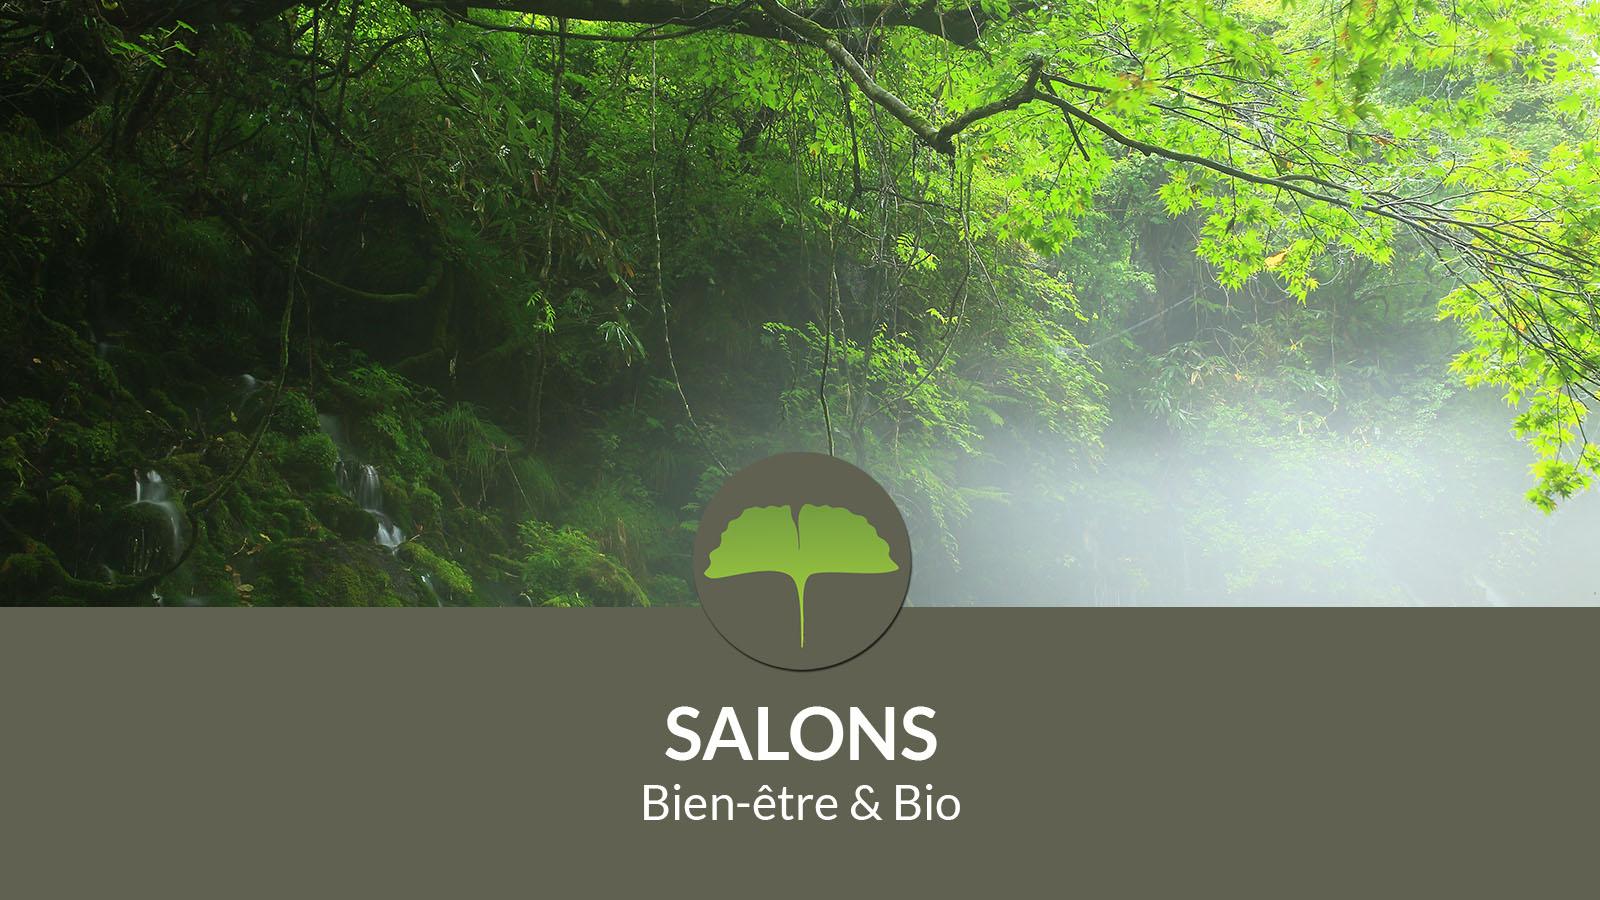 Salons bien tre et bio 2017 visanaturo for Salon spa et bien etre